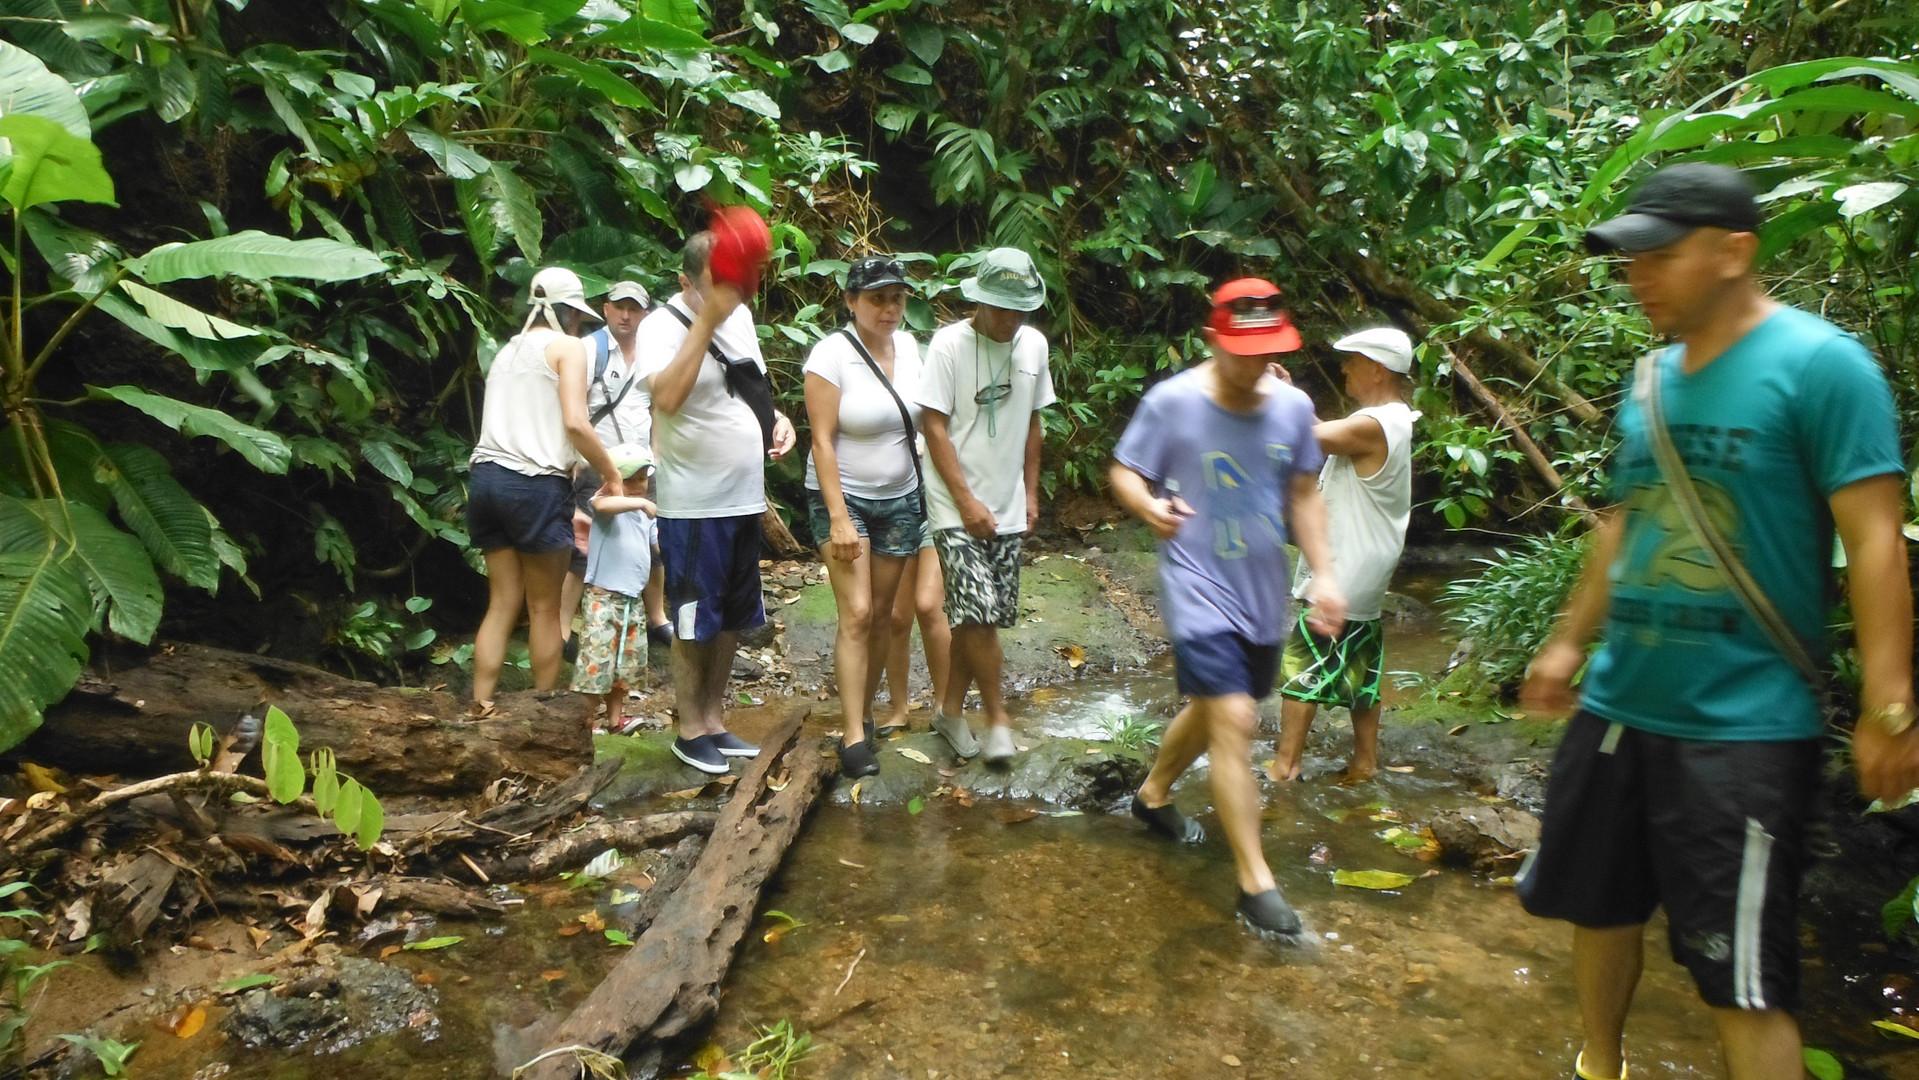 Caminata en la selva Pijibalodge